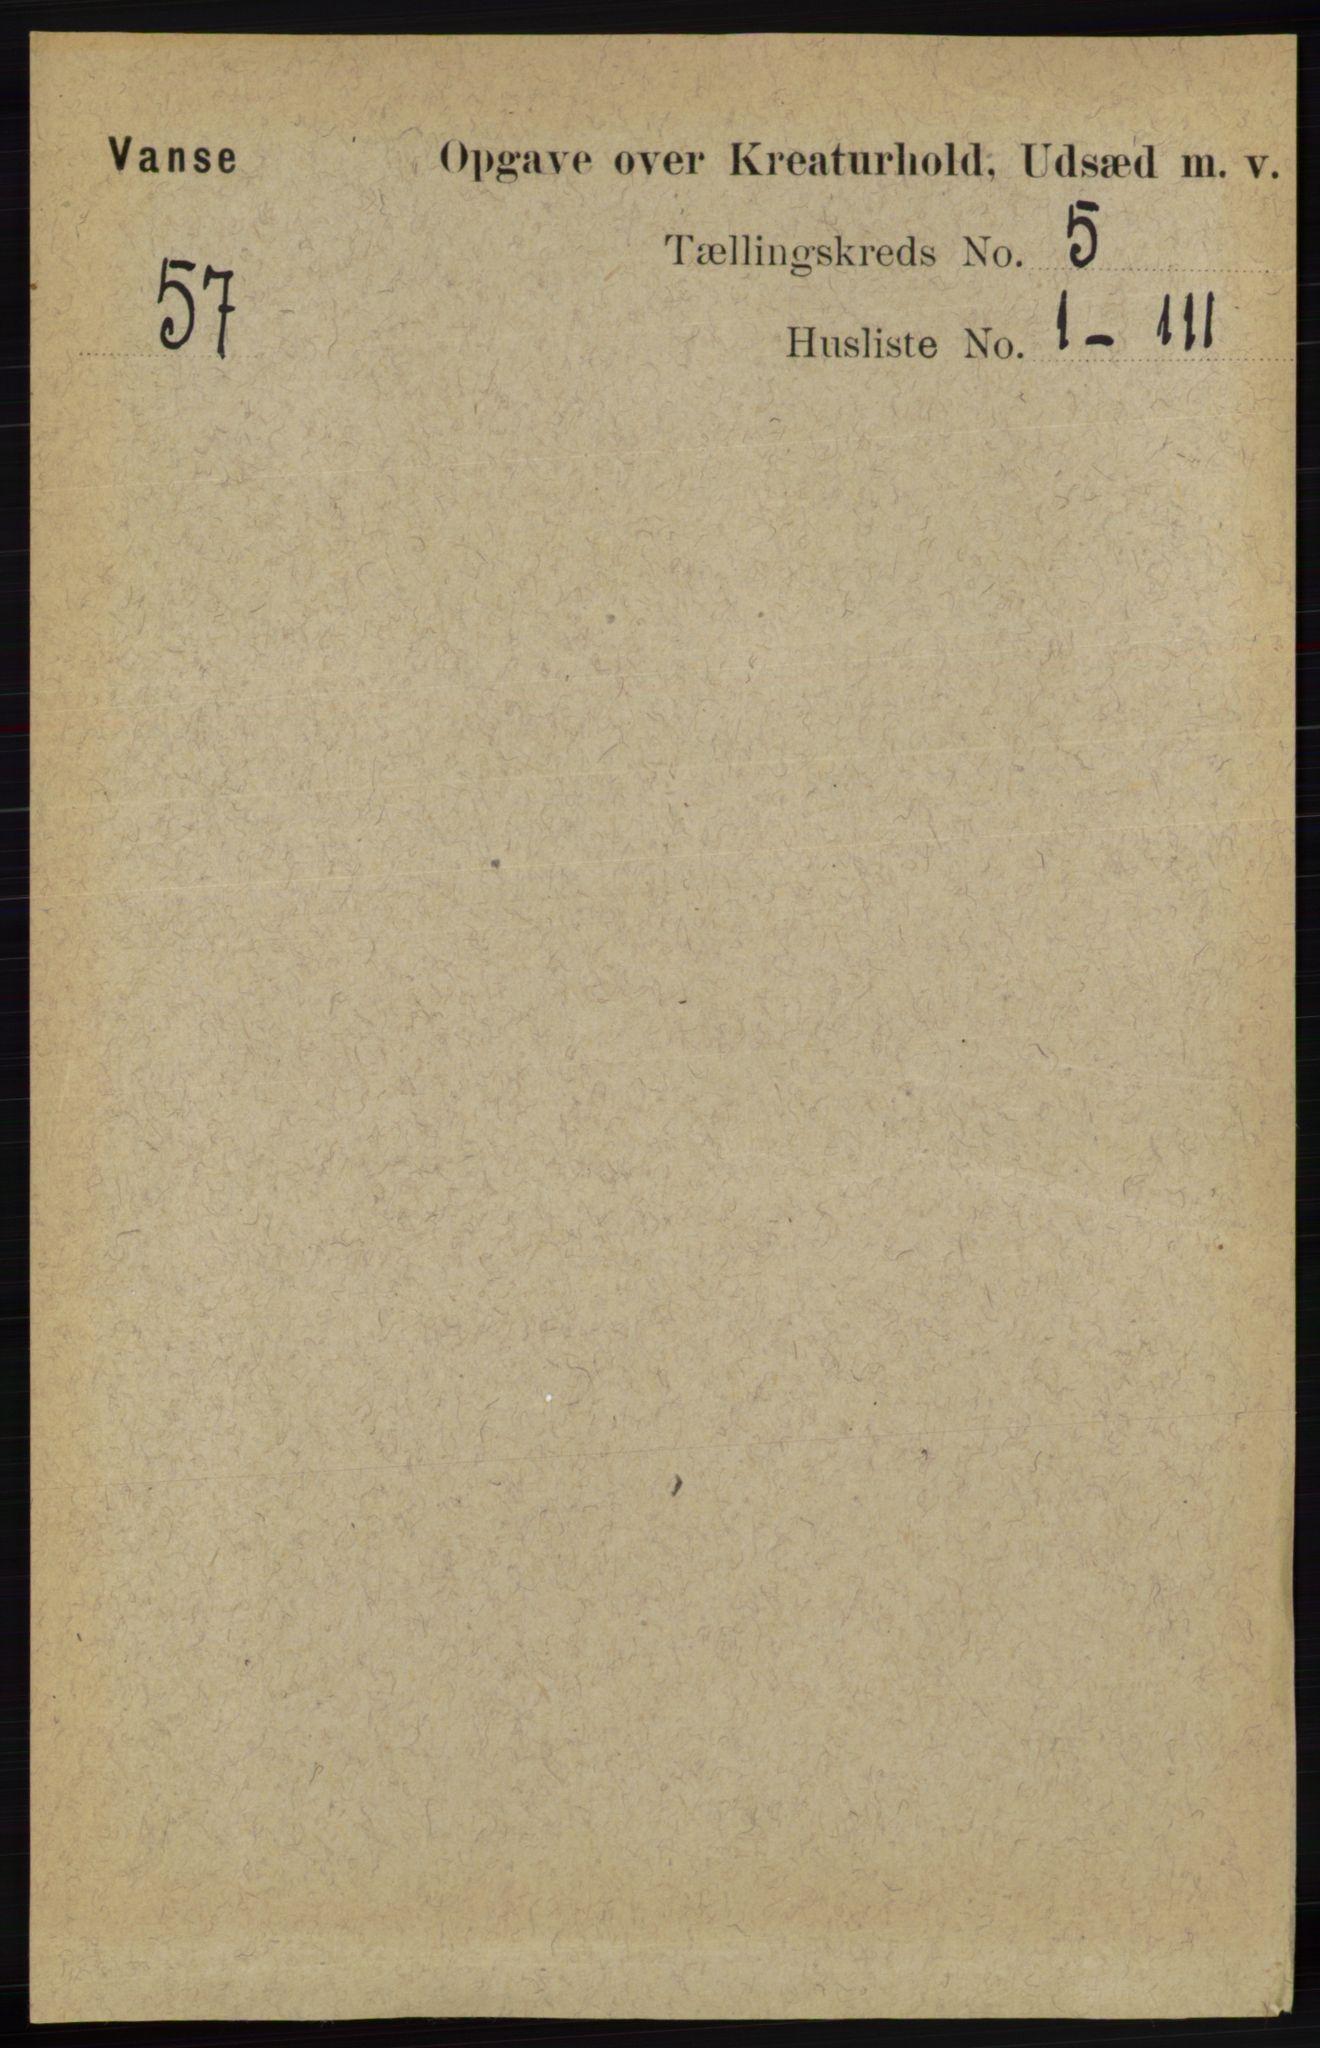 RA, Folketelling 1891 for 1041 Vanse herred, 1891, s. 8733